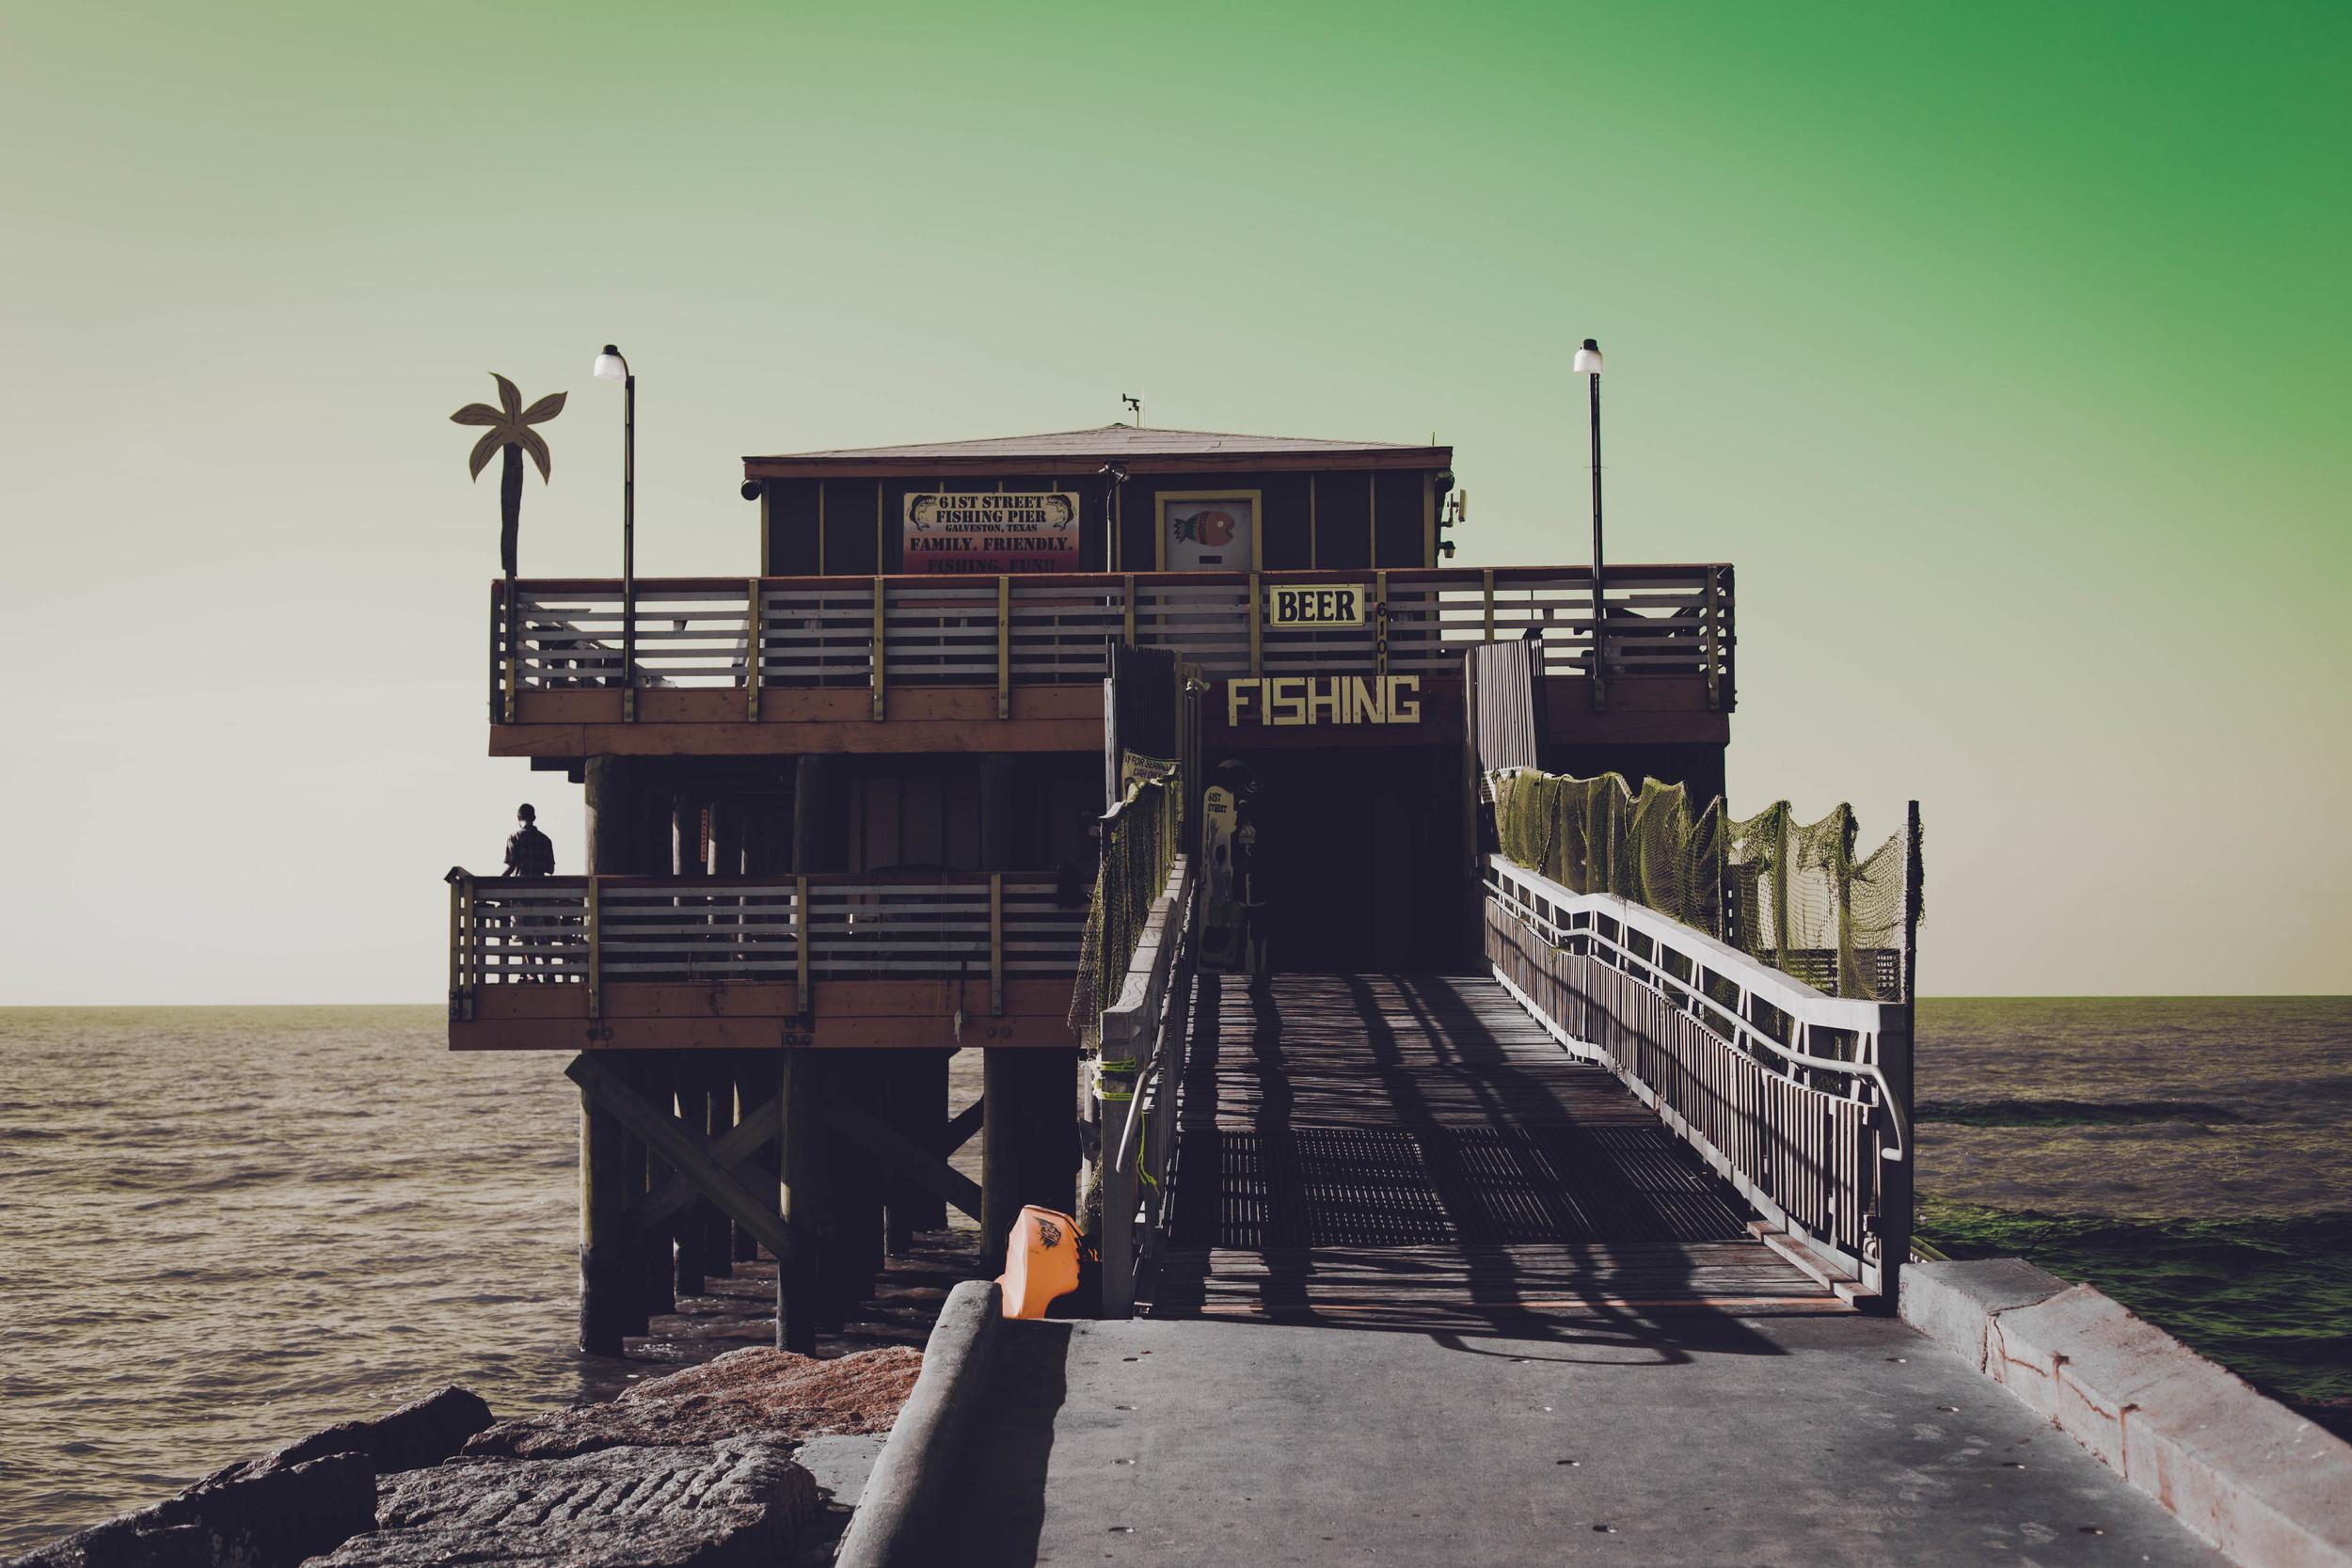 Galveston-Fishing-2.jpg